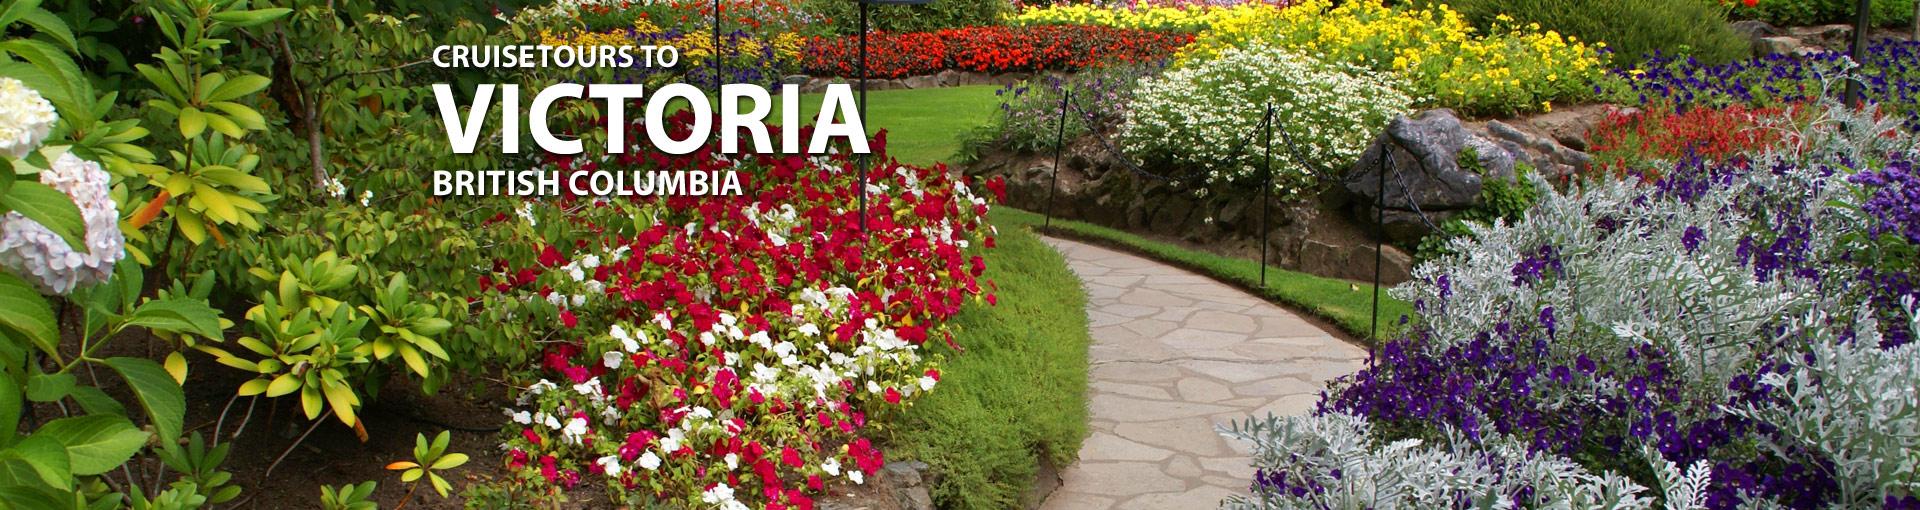 Cruisetours to Victoria, Canada